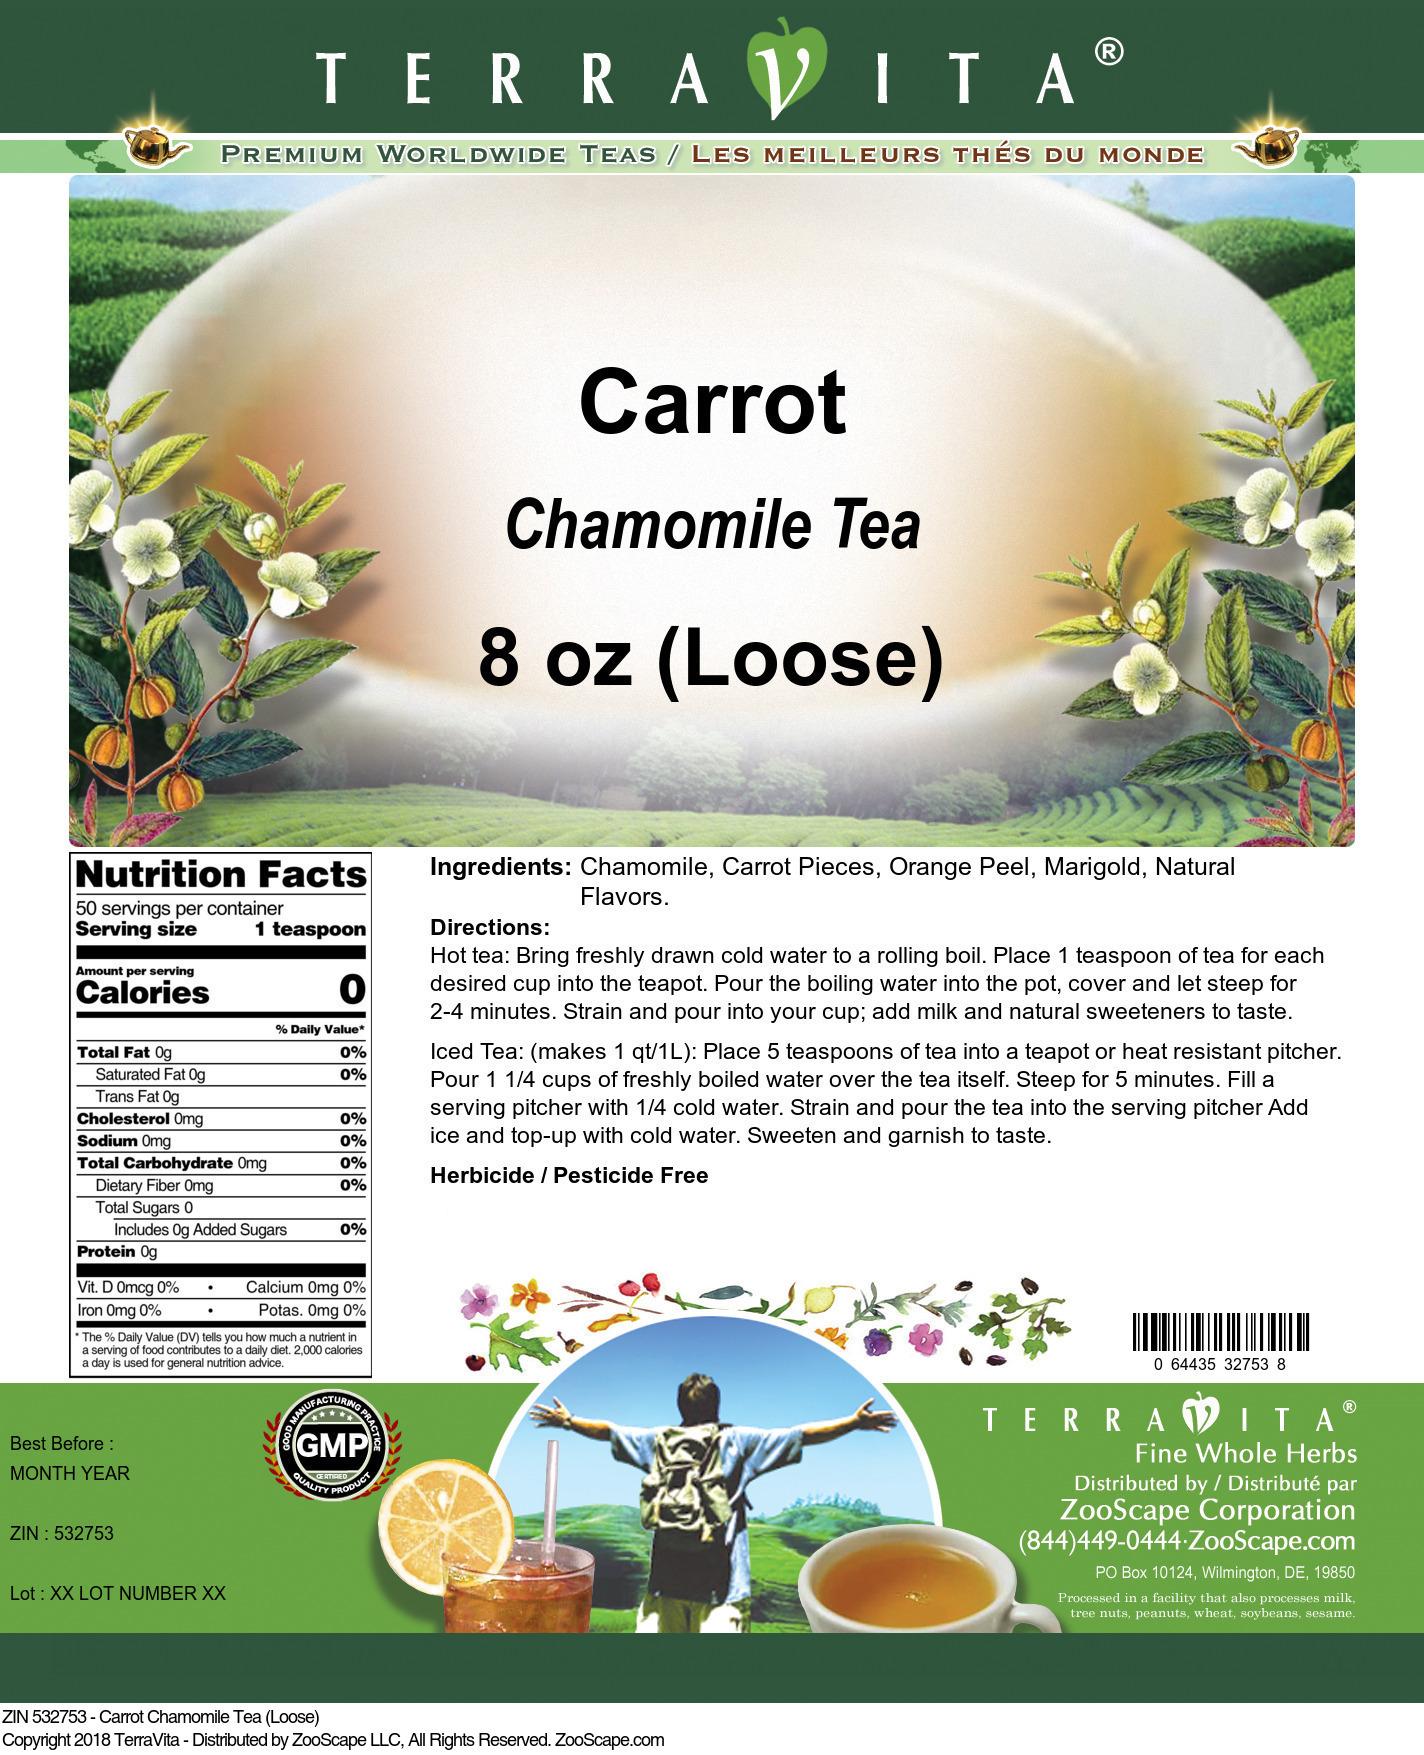 Carrot Chamomile Tea